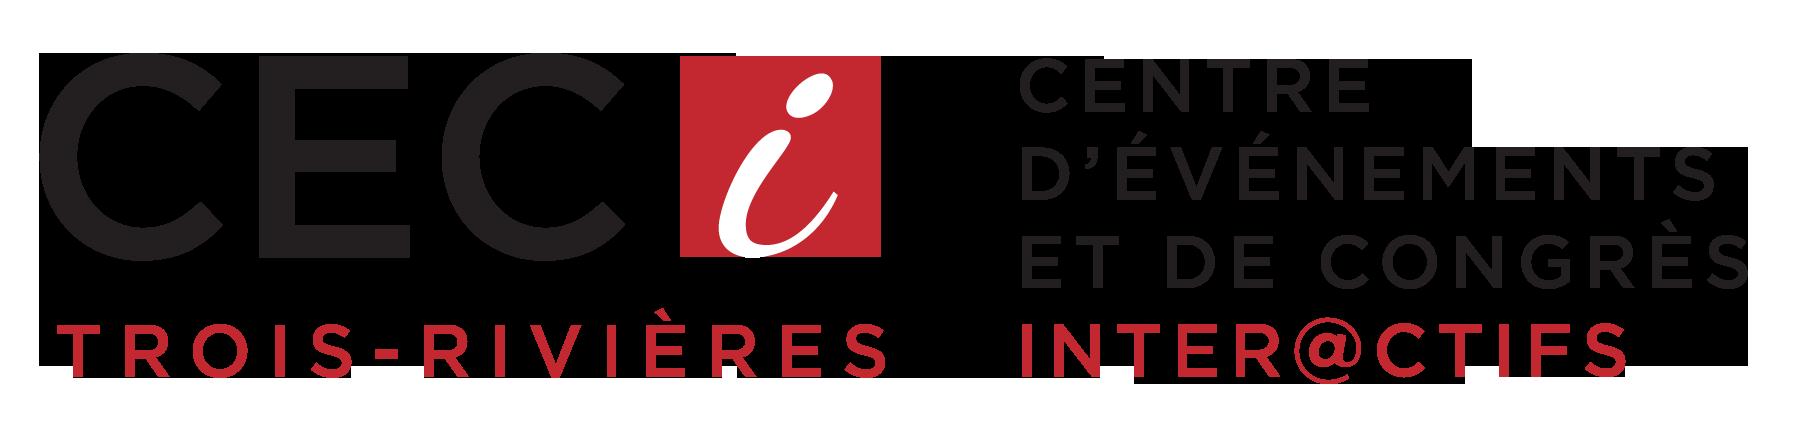 Centre d'événements et de congrès interactifs